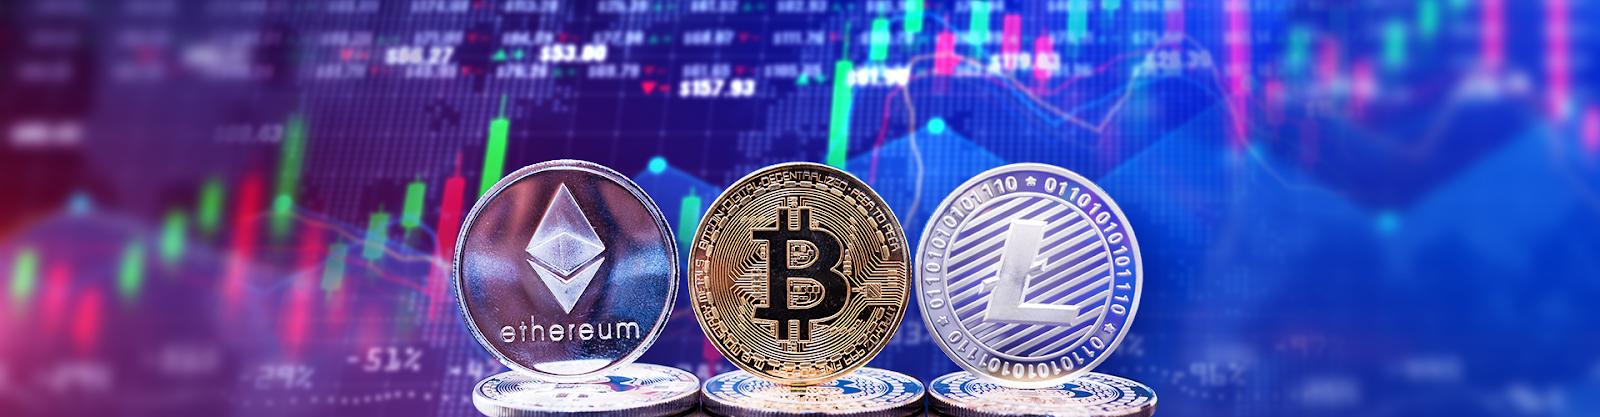 ТОП 10 перспективных криптовалют и токенов для инвестирования   ua-rating.com